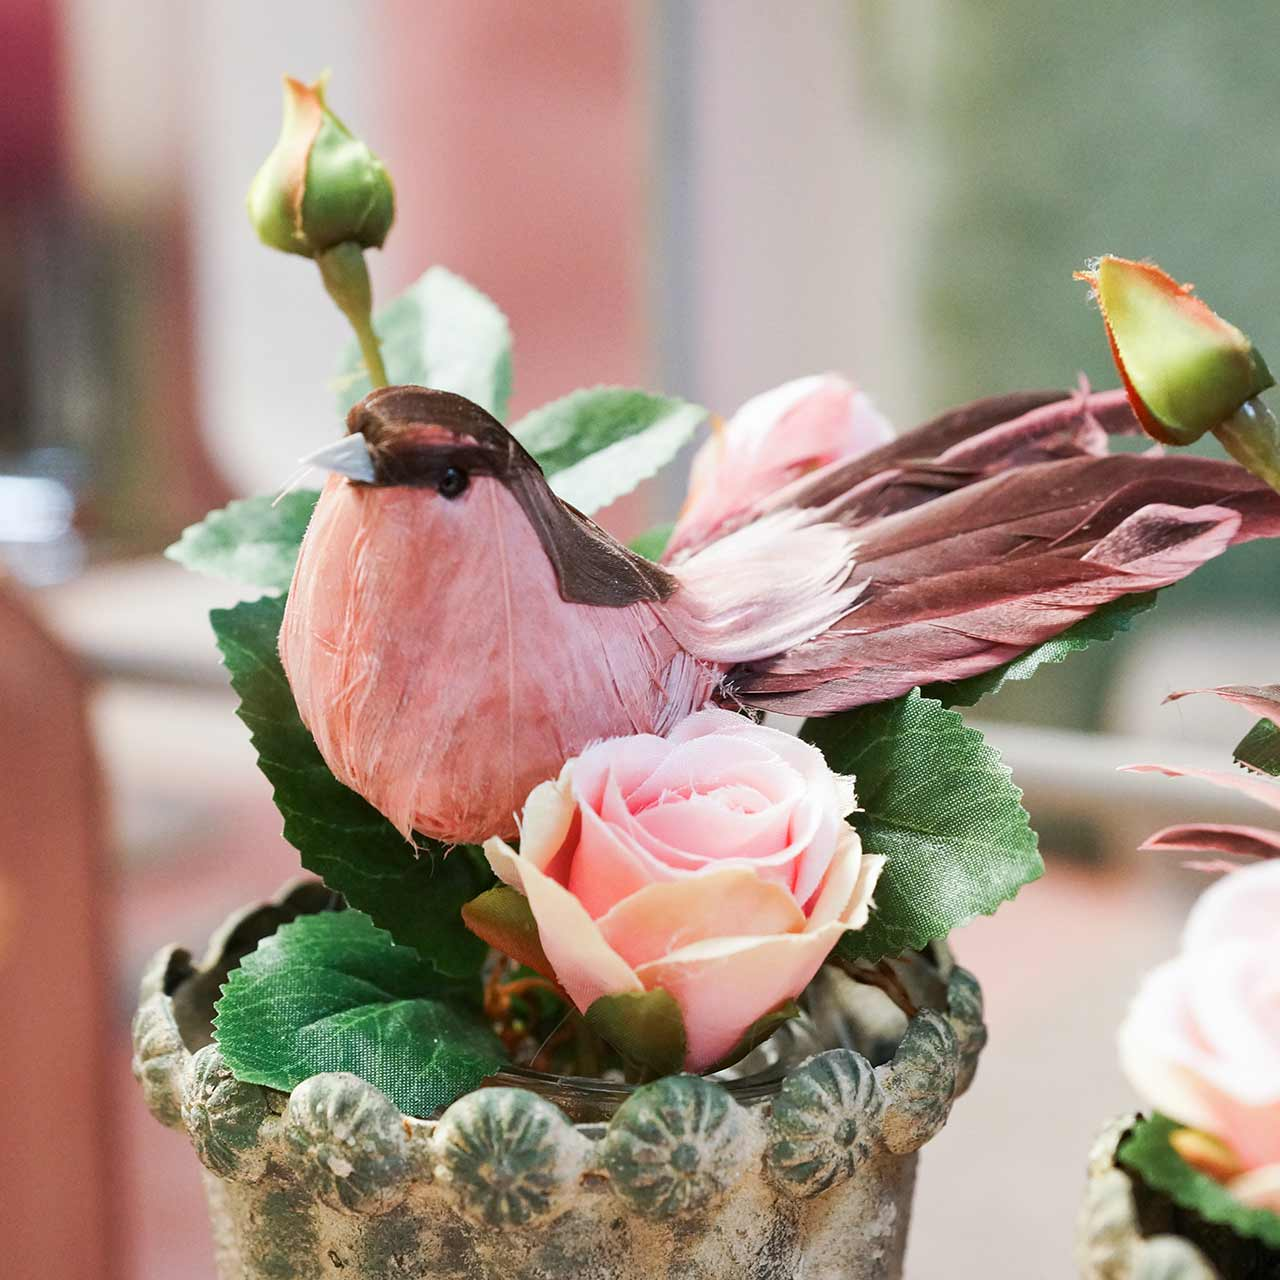 Plume d'oiseau sur fil rose 12cm 4pcs